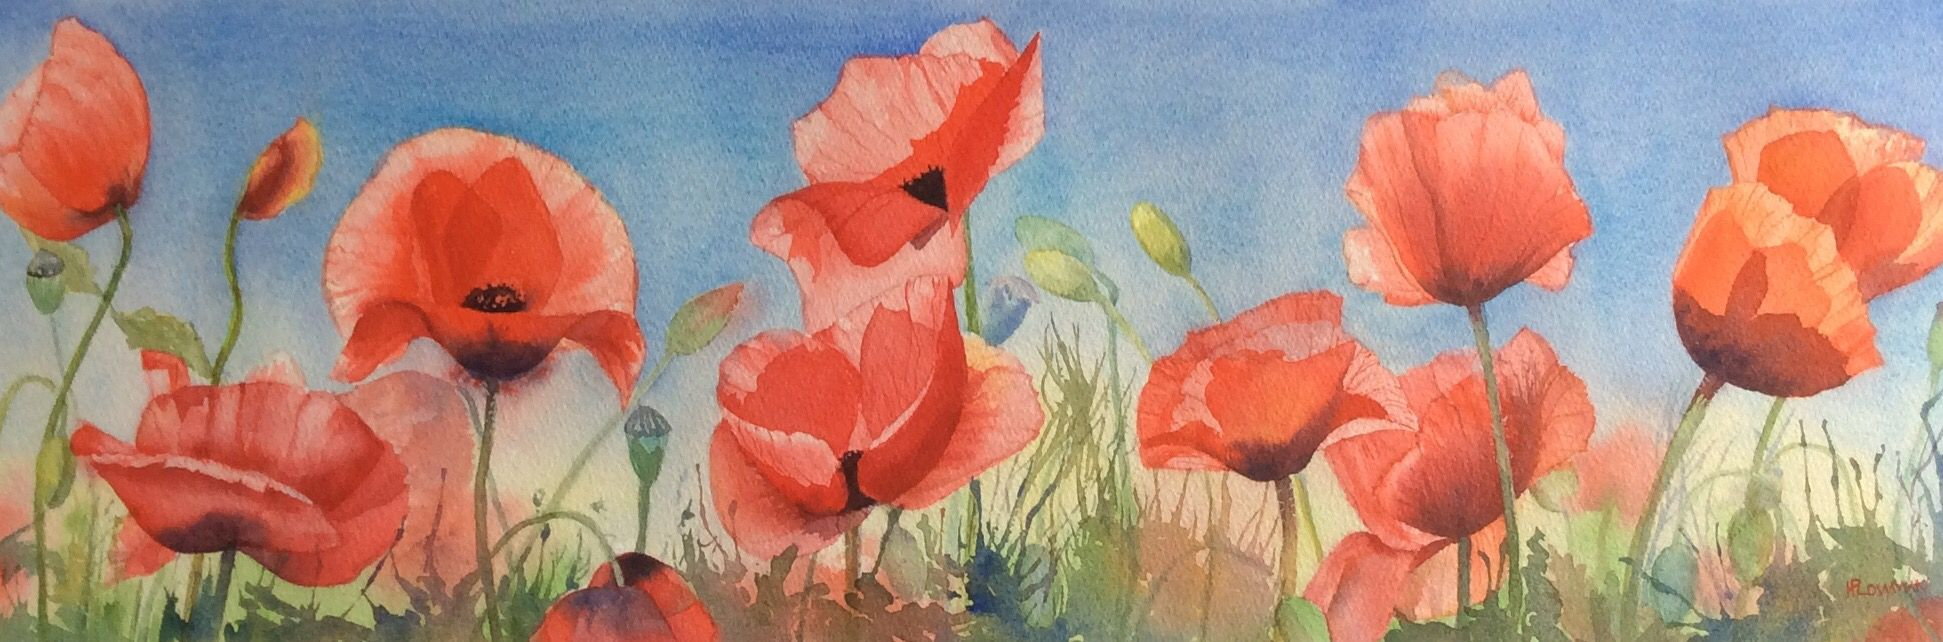 Wild About Poppies Watercolour By Heather Plowman Iek Bcek